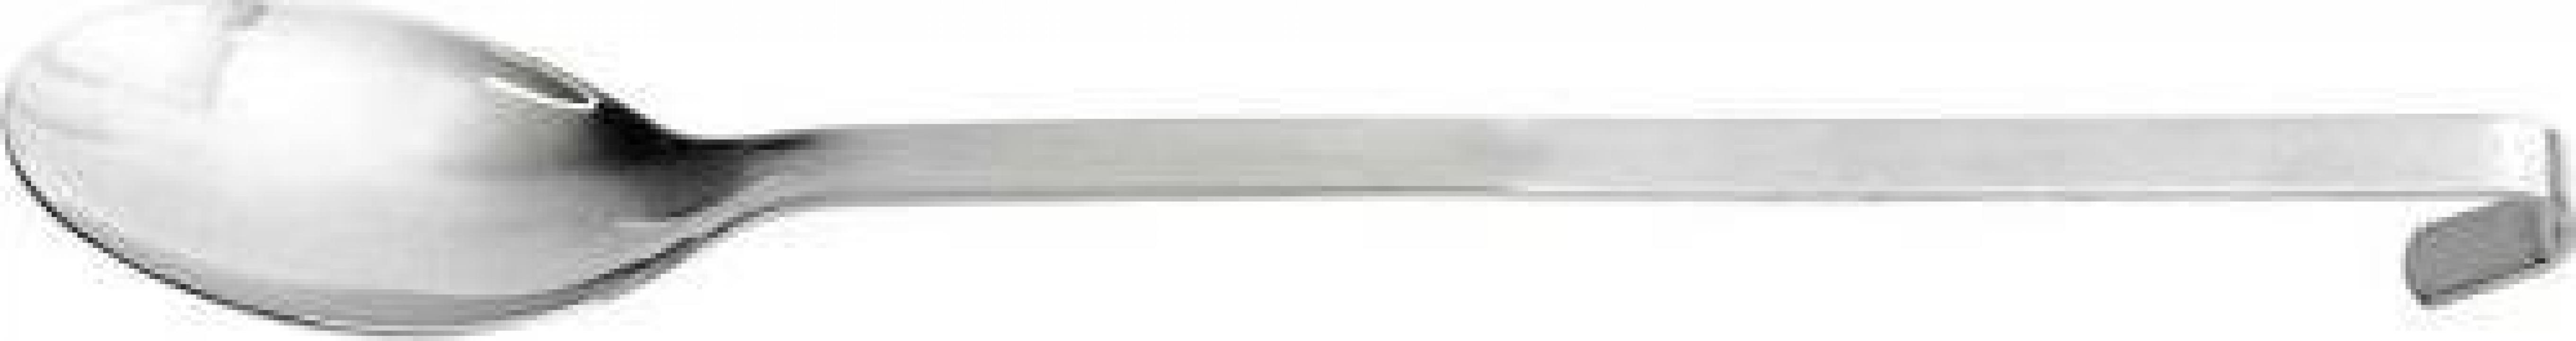 Lingura servire inox monobloc 40 cm